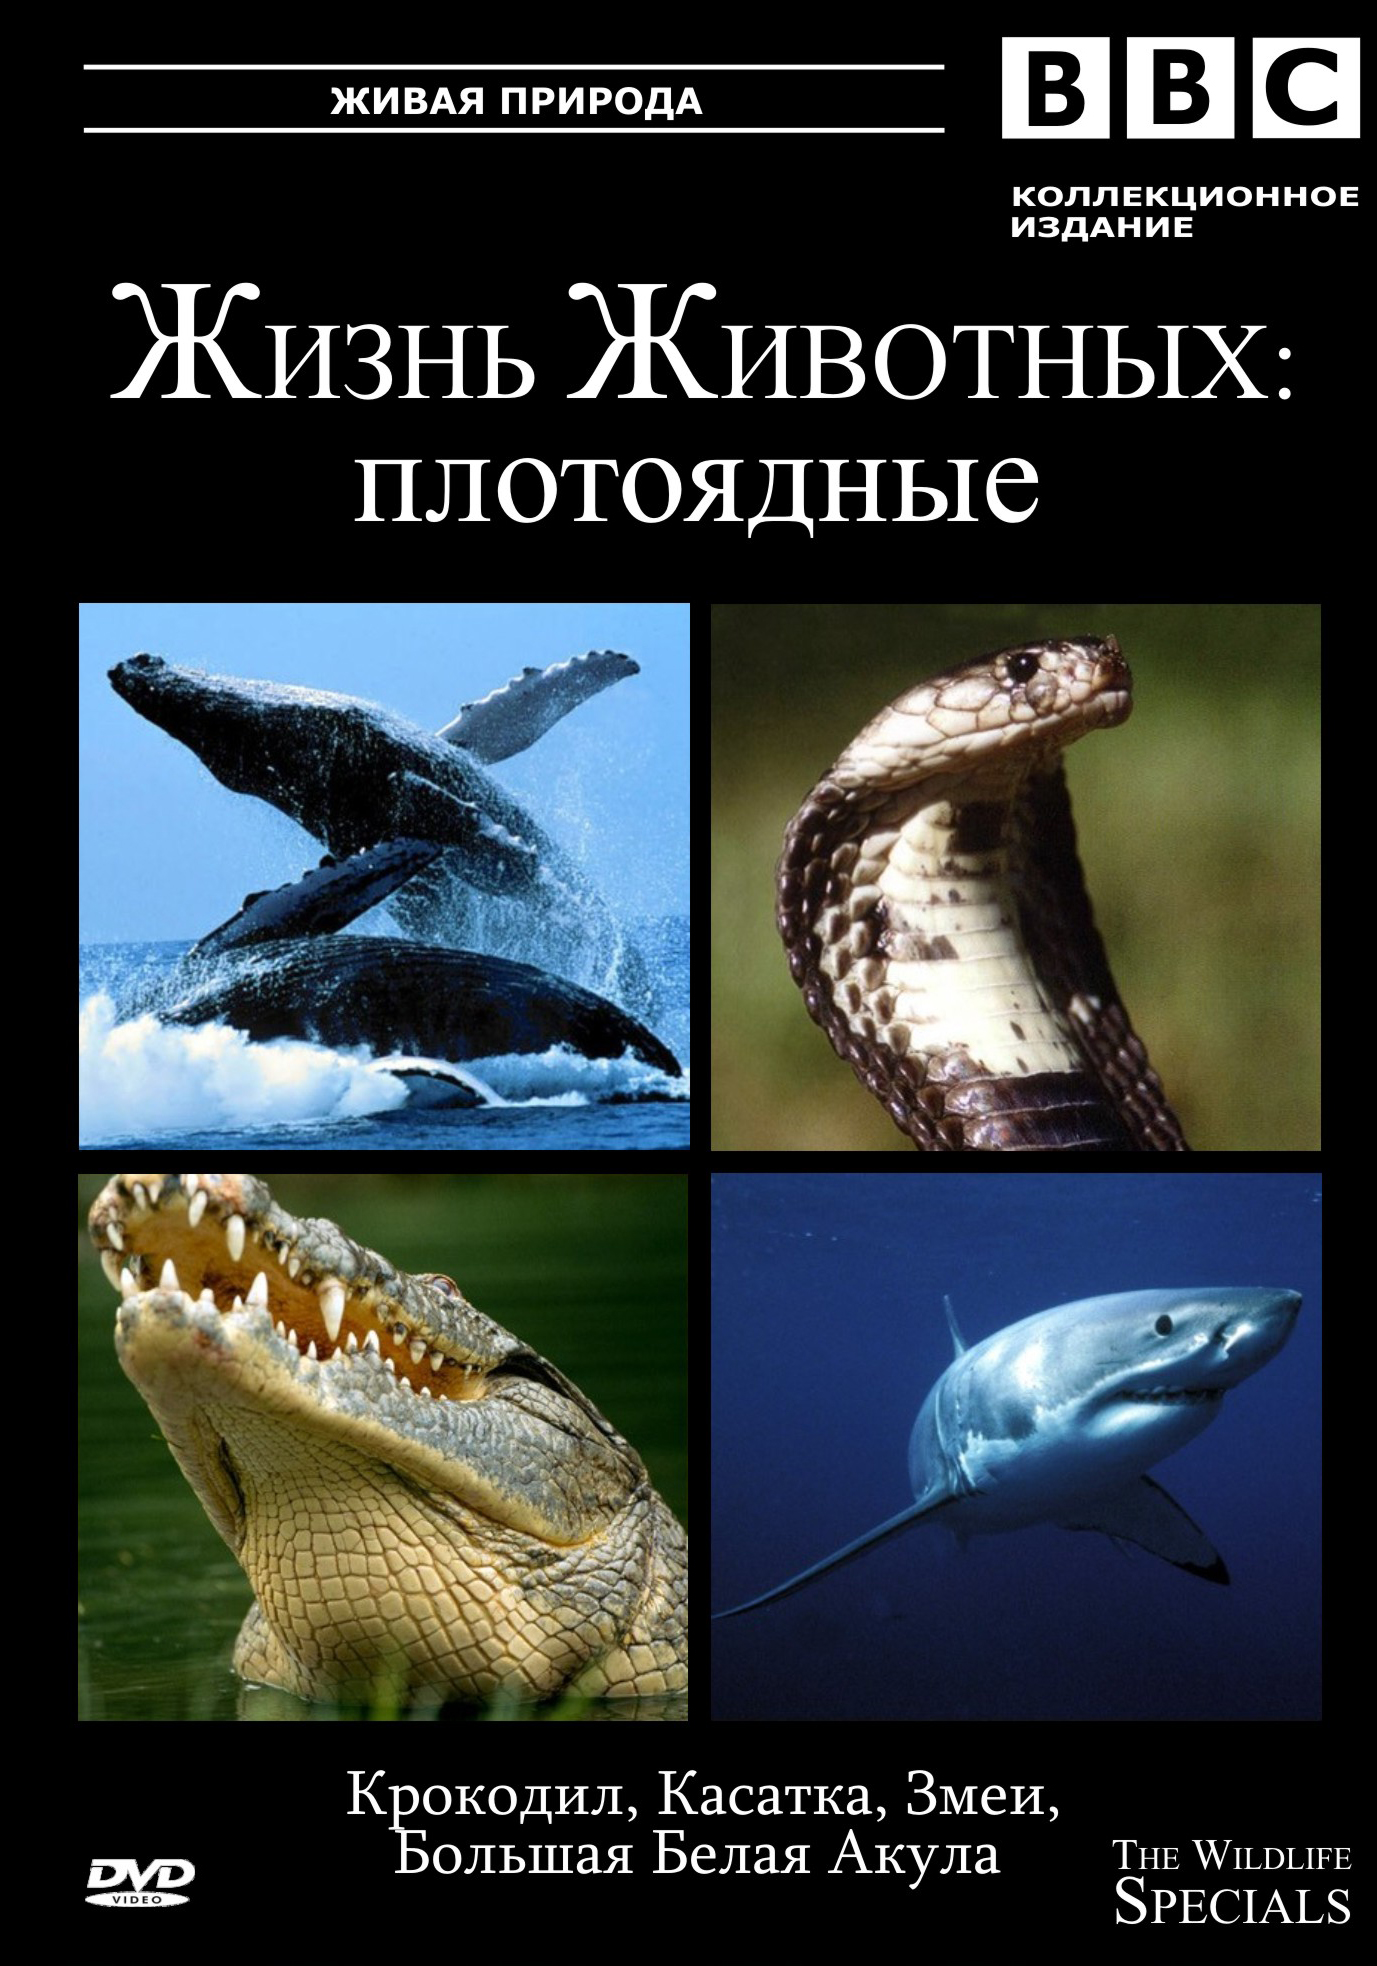 BBC: Жизнь животных - Плотоядные - BBC- The Wildlife Specials